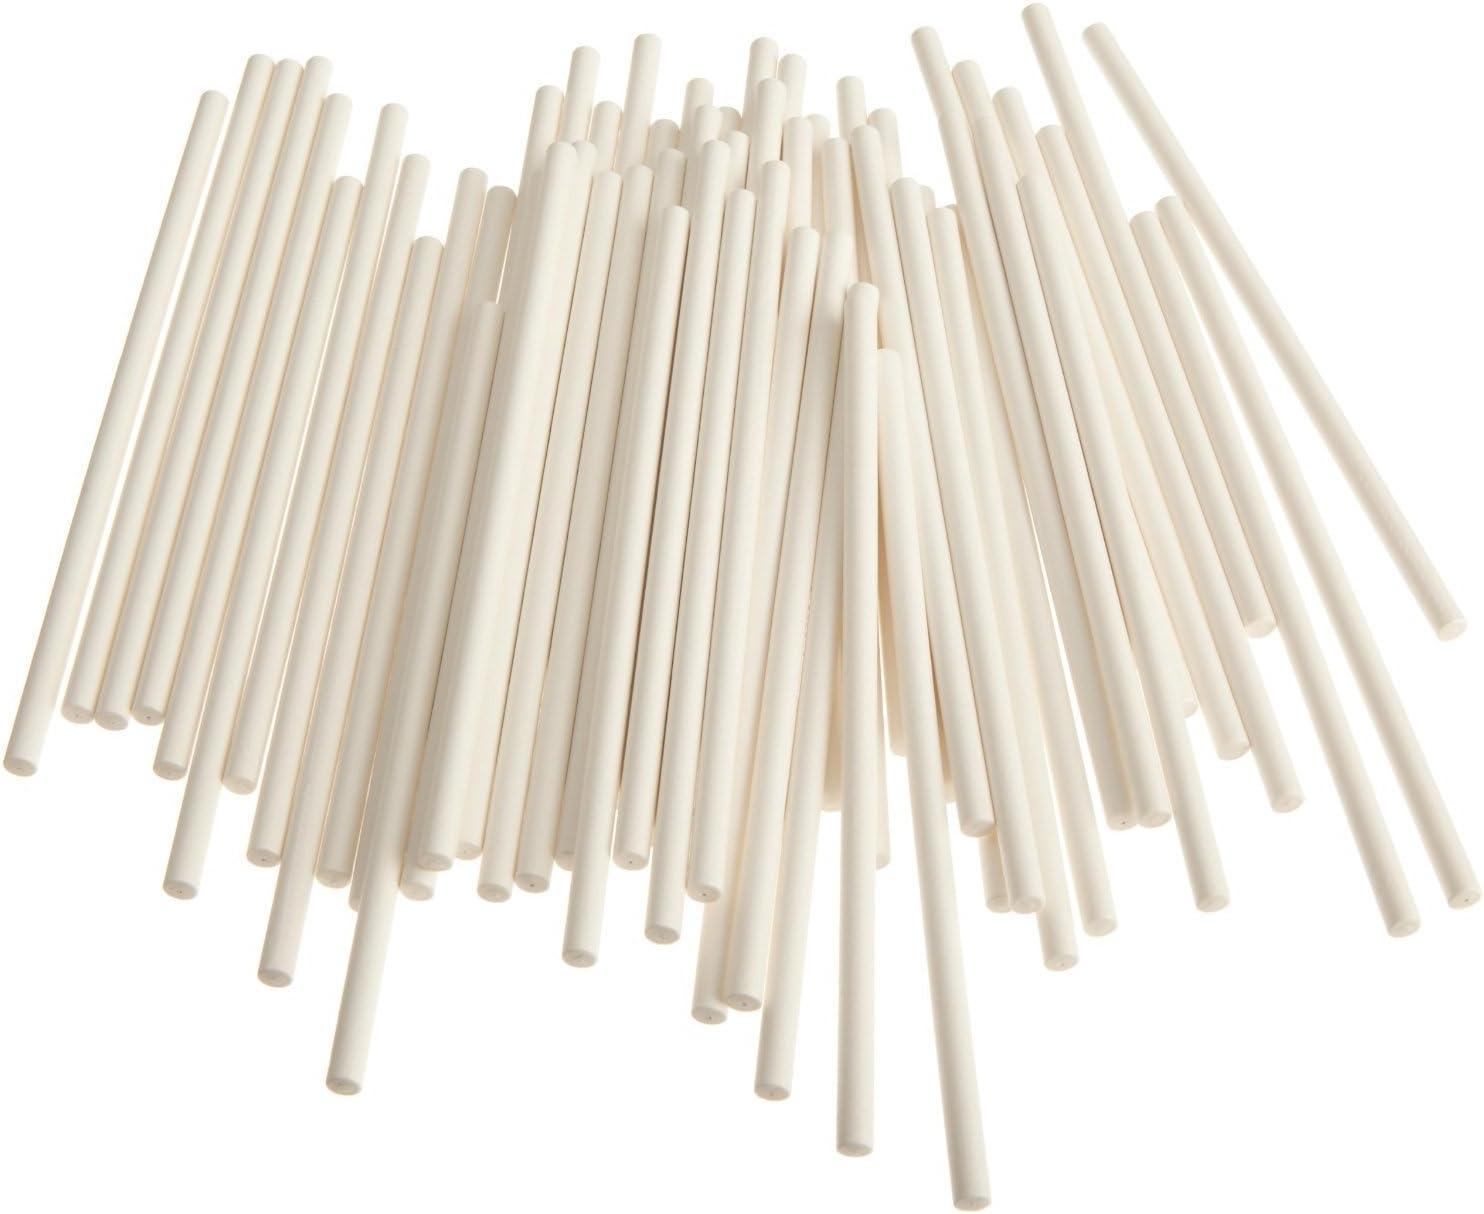 Sucker Lollipop Sticks 6